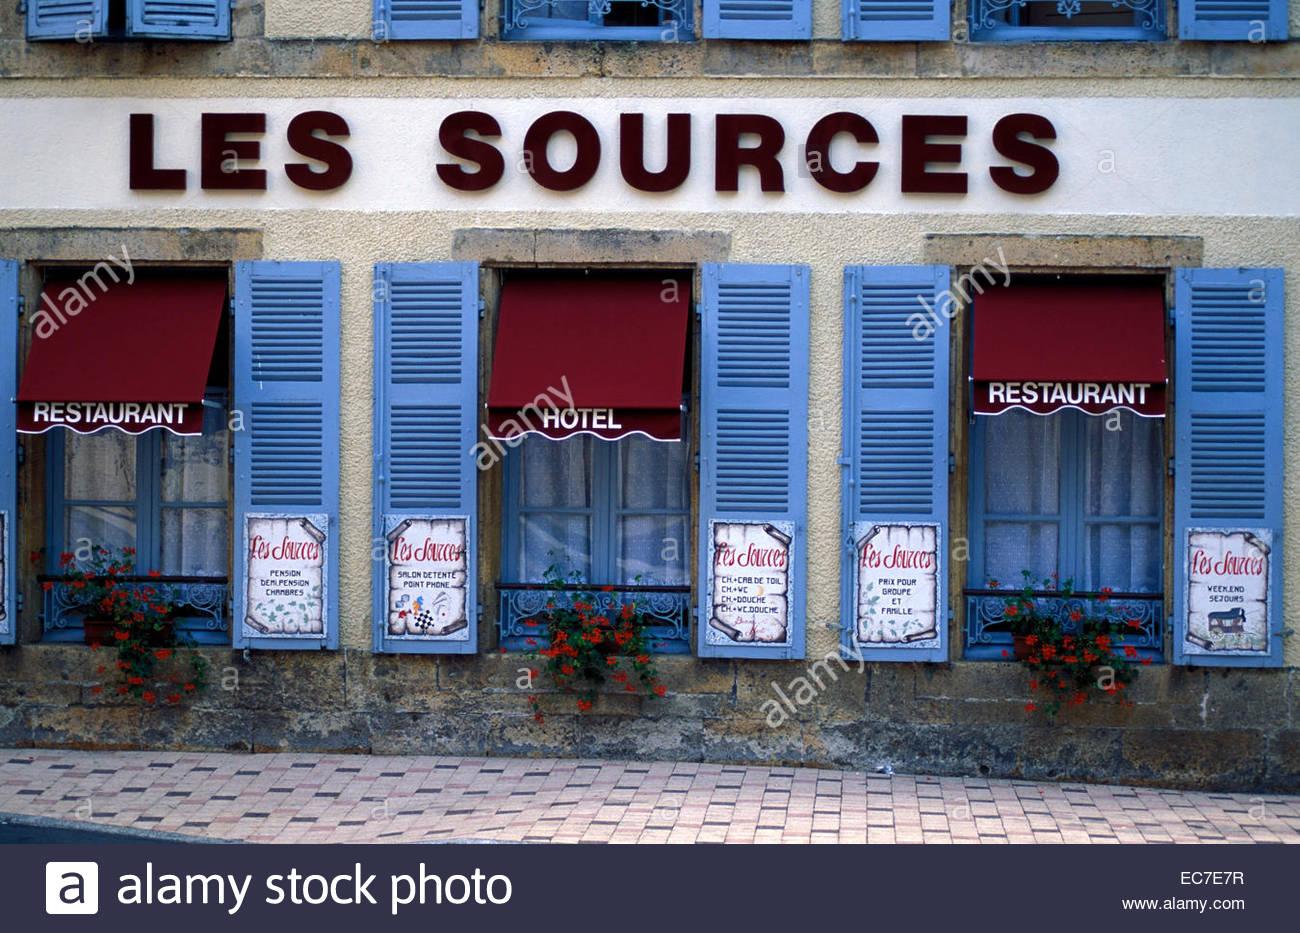 Hotel restaurant Les Sources in La Bourboule, Auvergne. - Stock Image